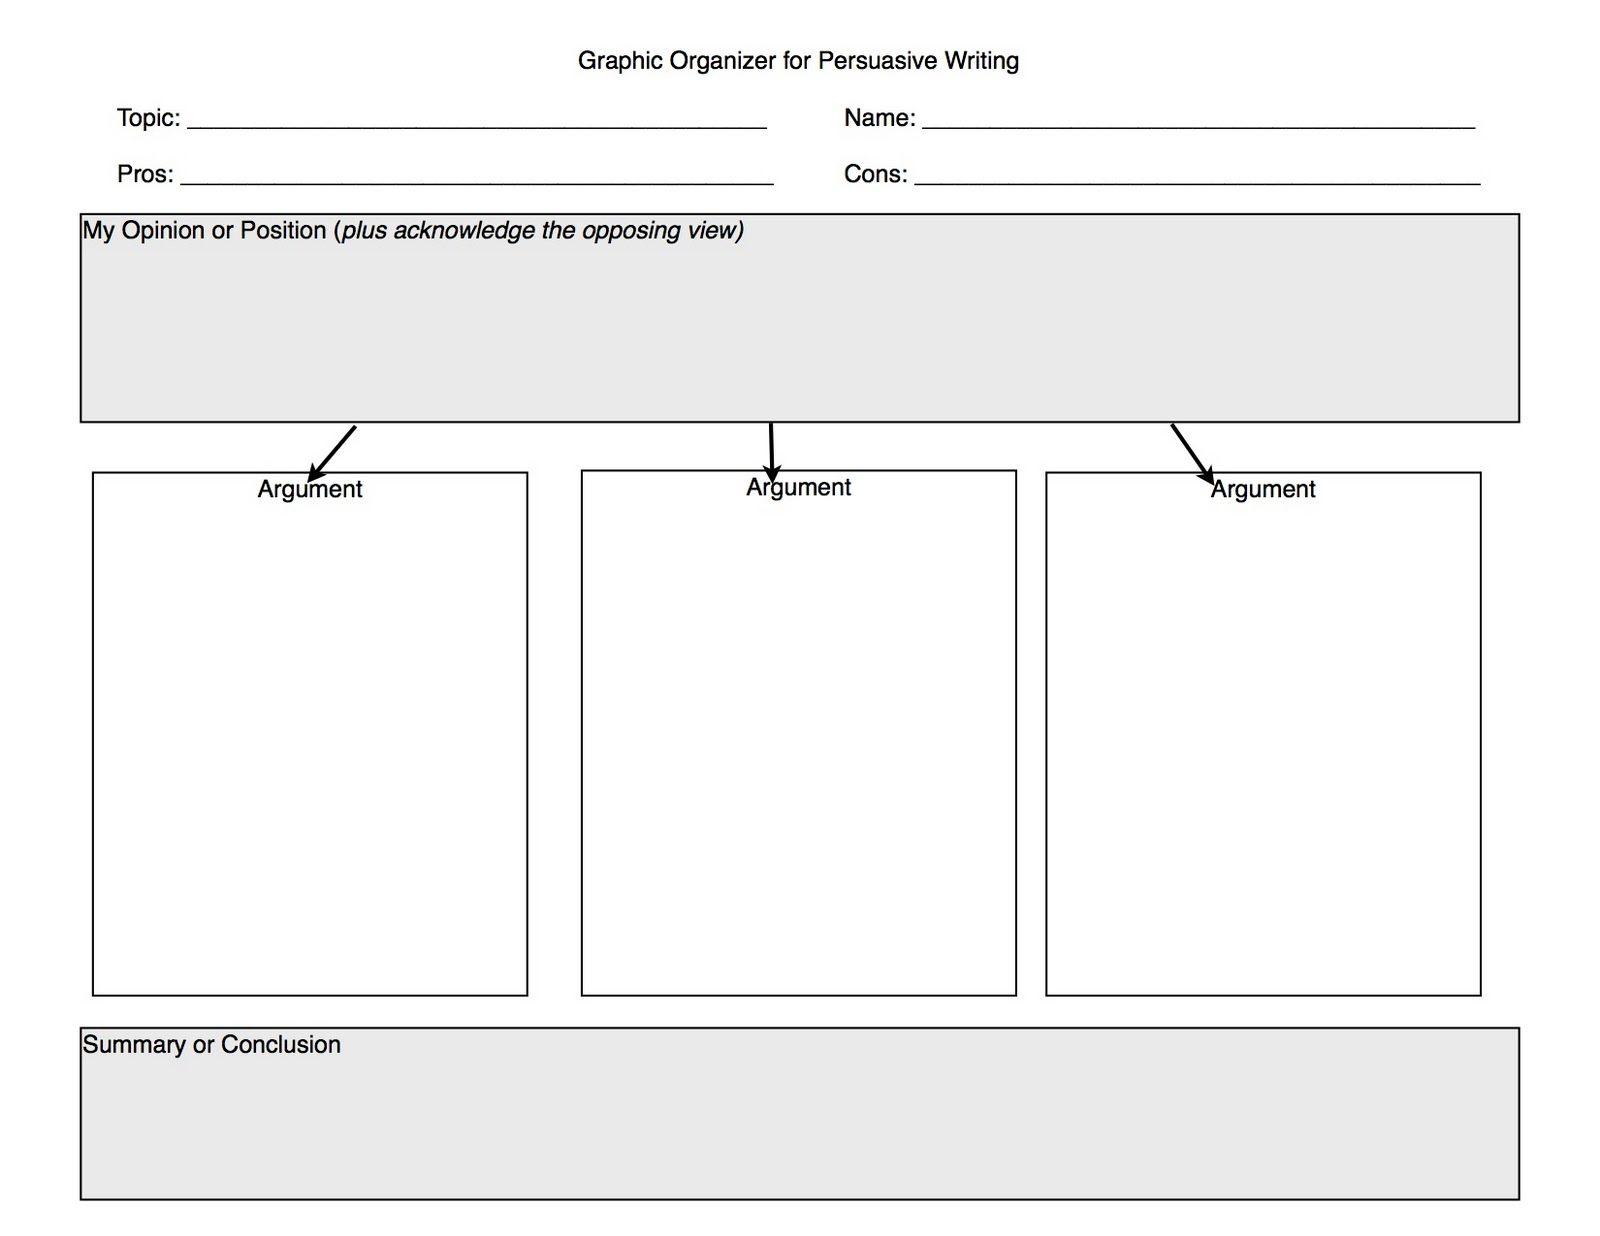 014 Essay Example College Organizer Surprising Application Graphic Organizers Argumentative Full